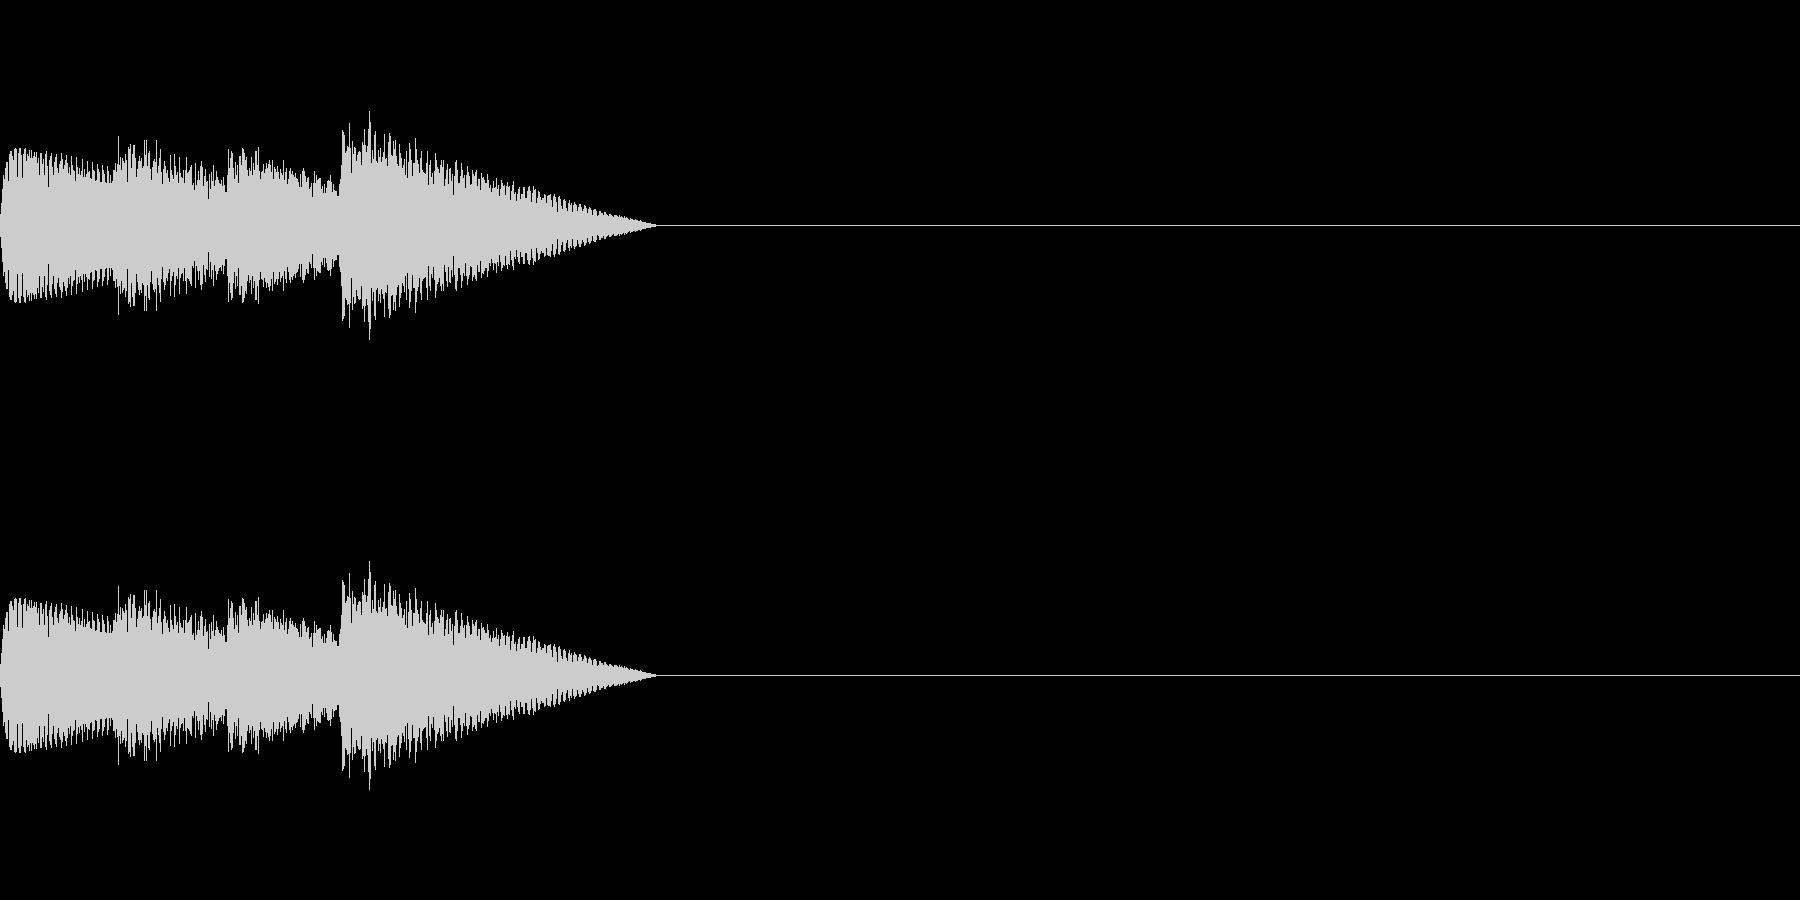 「ピロリロ♪」レトロゲーム風アイテムの未再生の波形